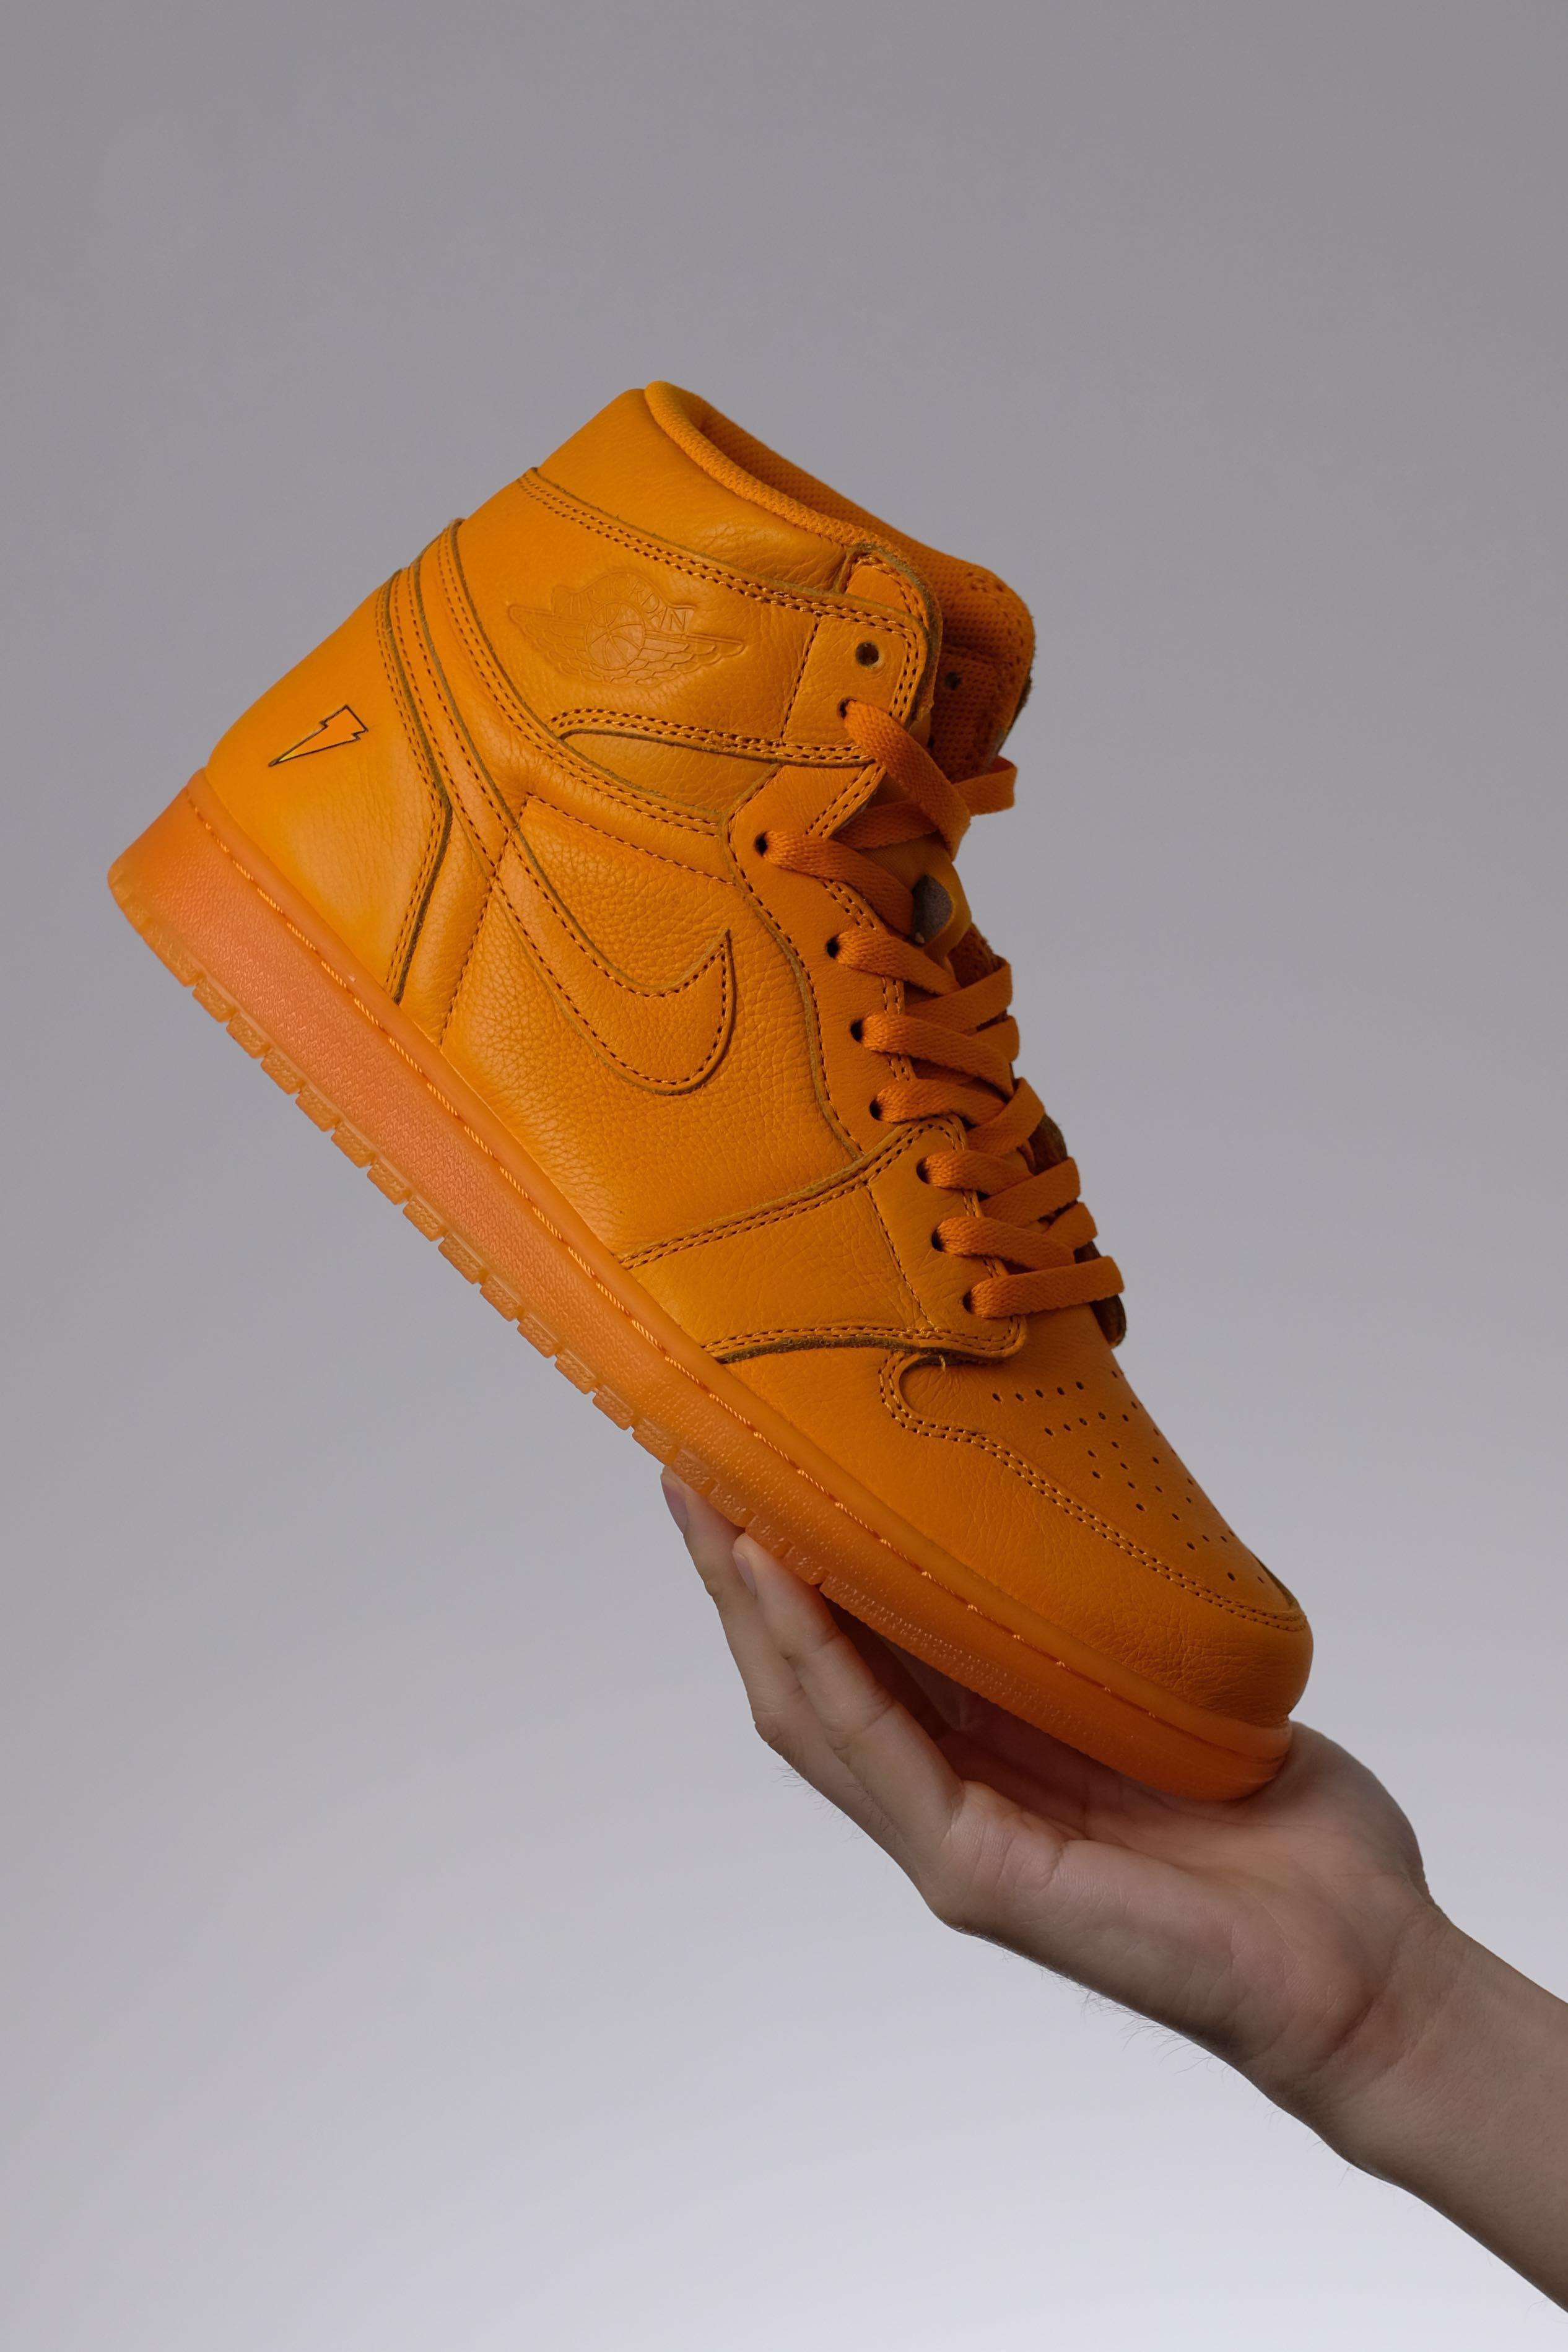 74ebef96c92 Jordan 1 Gatorade Orange Peel US10.5, Men's Fashion, Footwear ...